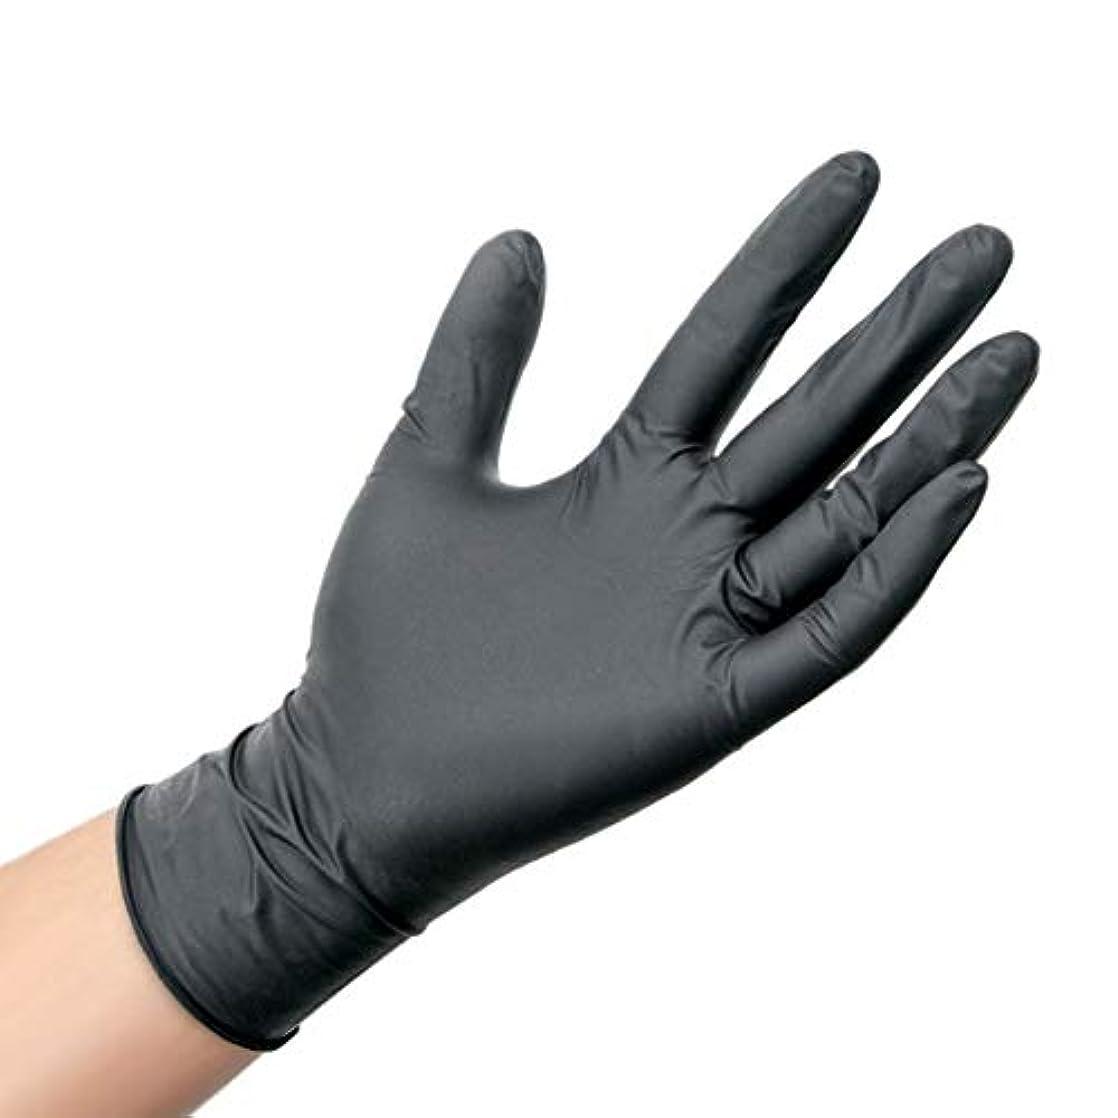 肥厚した抗酸とアルカリの帯電防止保護手袋使い捨て工業用ニトリルゴム手袋 YANW (色 : ブラック, サイズ さいず : M m)